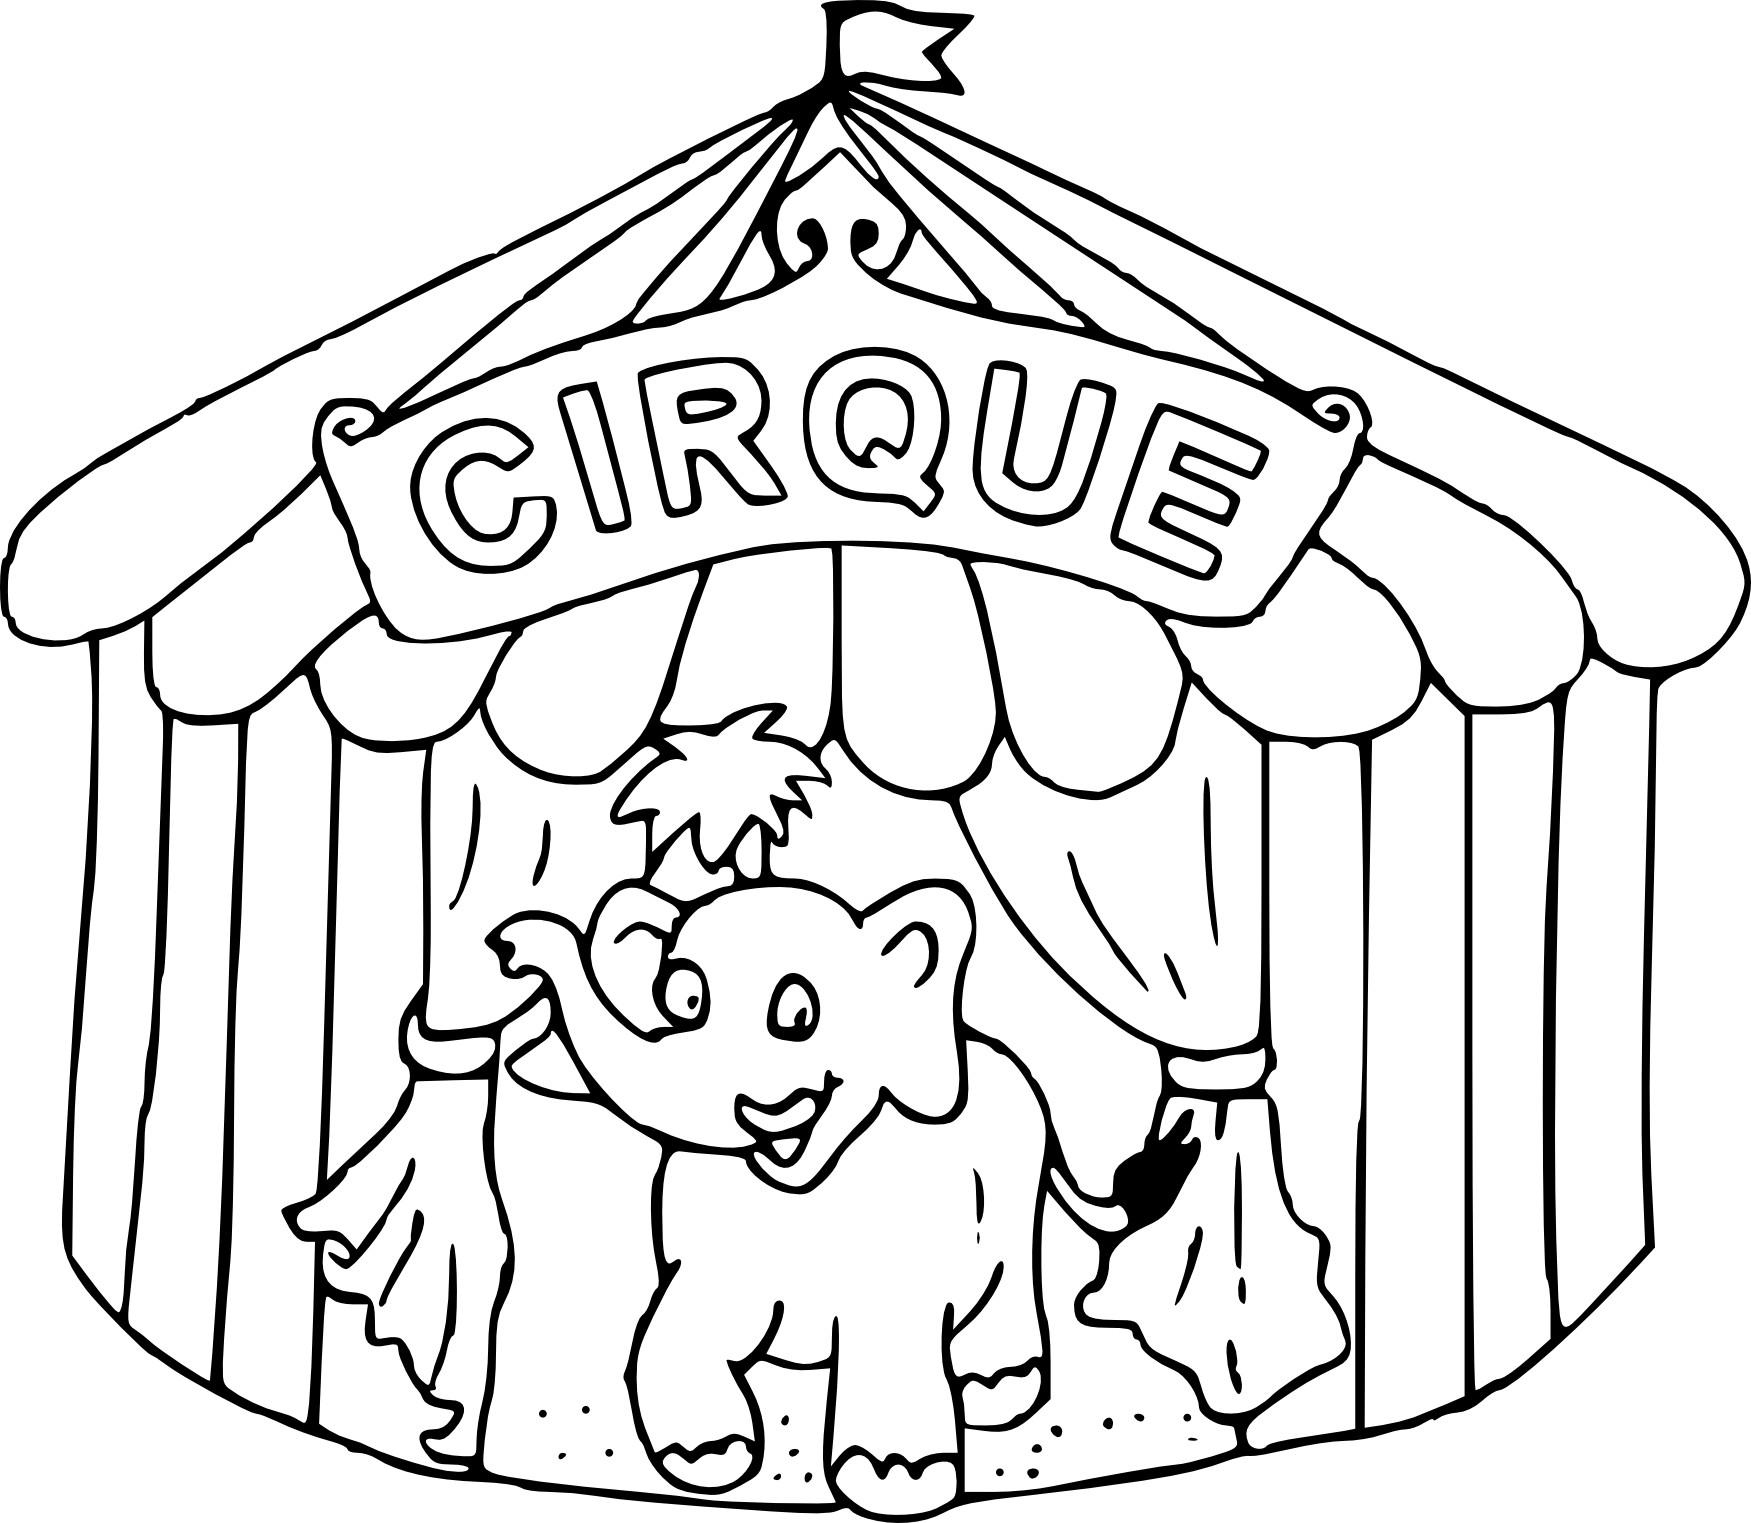 Comment dessiner un chapiteau de cirque - Dessin d un chapiteau de cirque ...